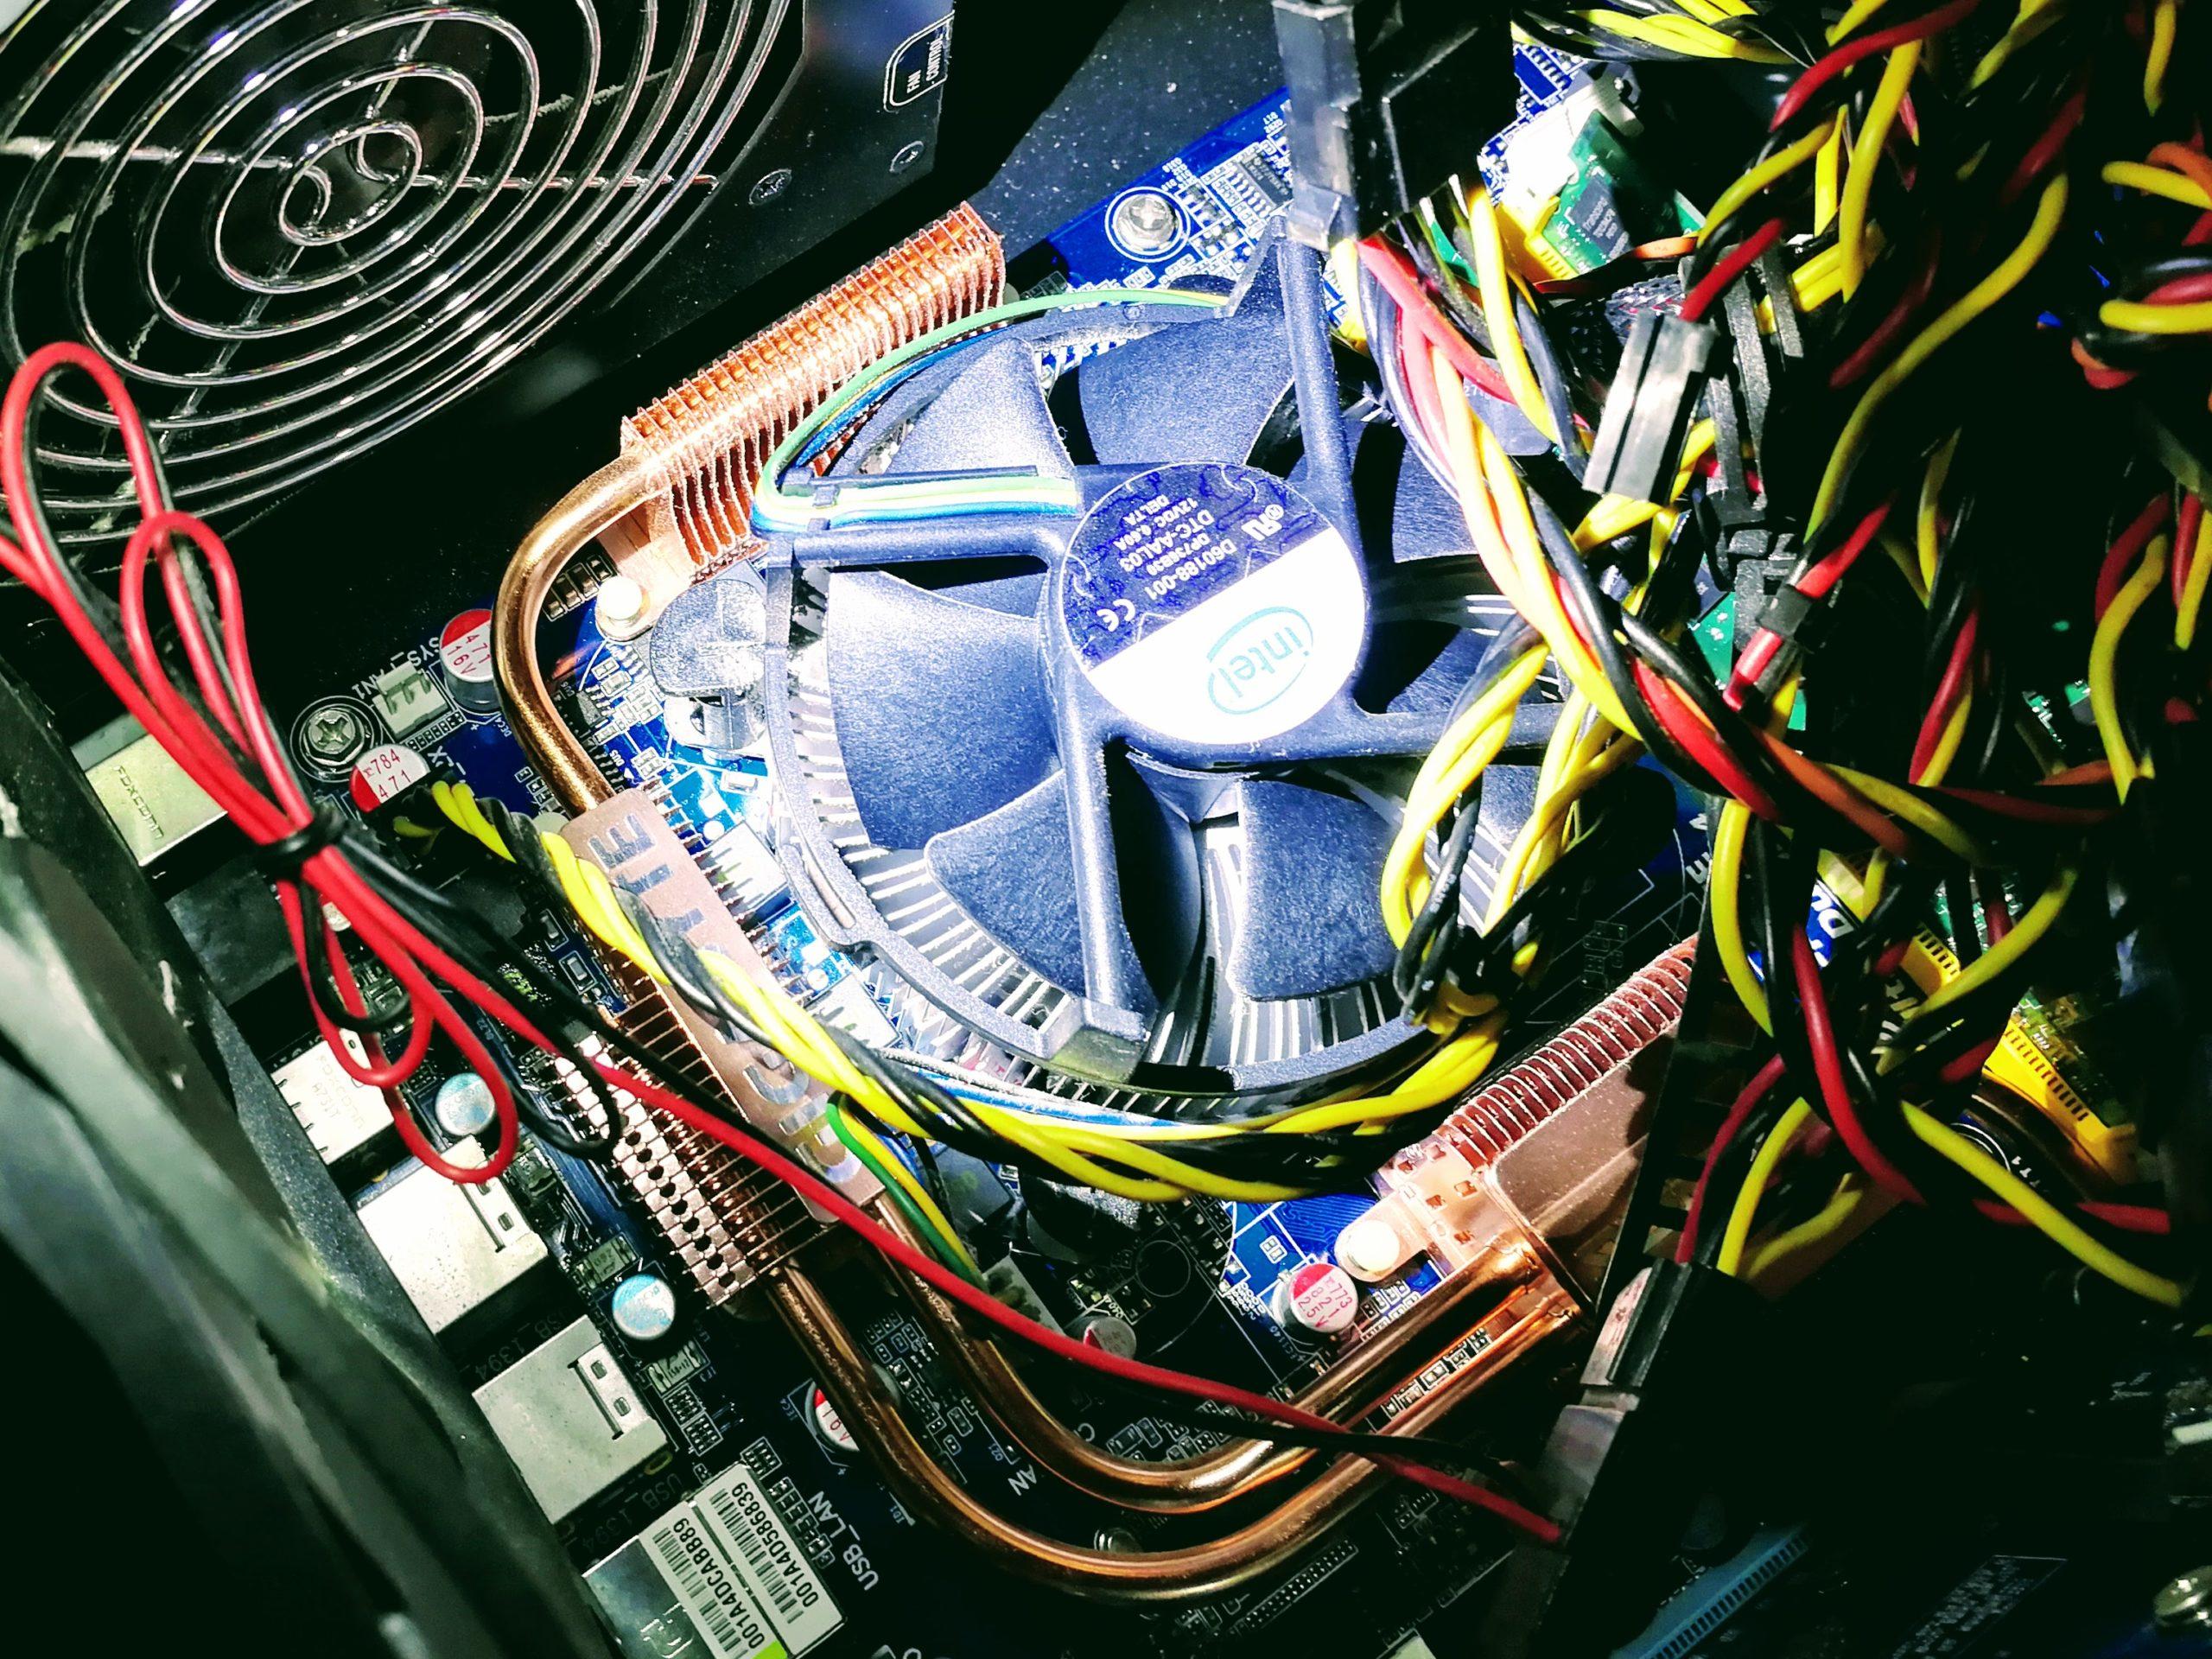 デスクトップPCの中身